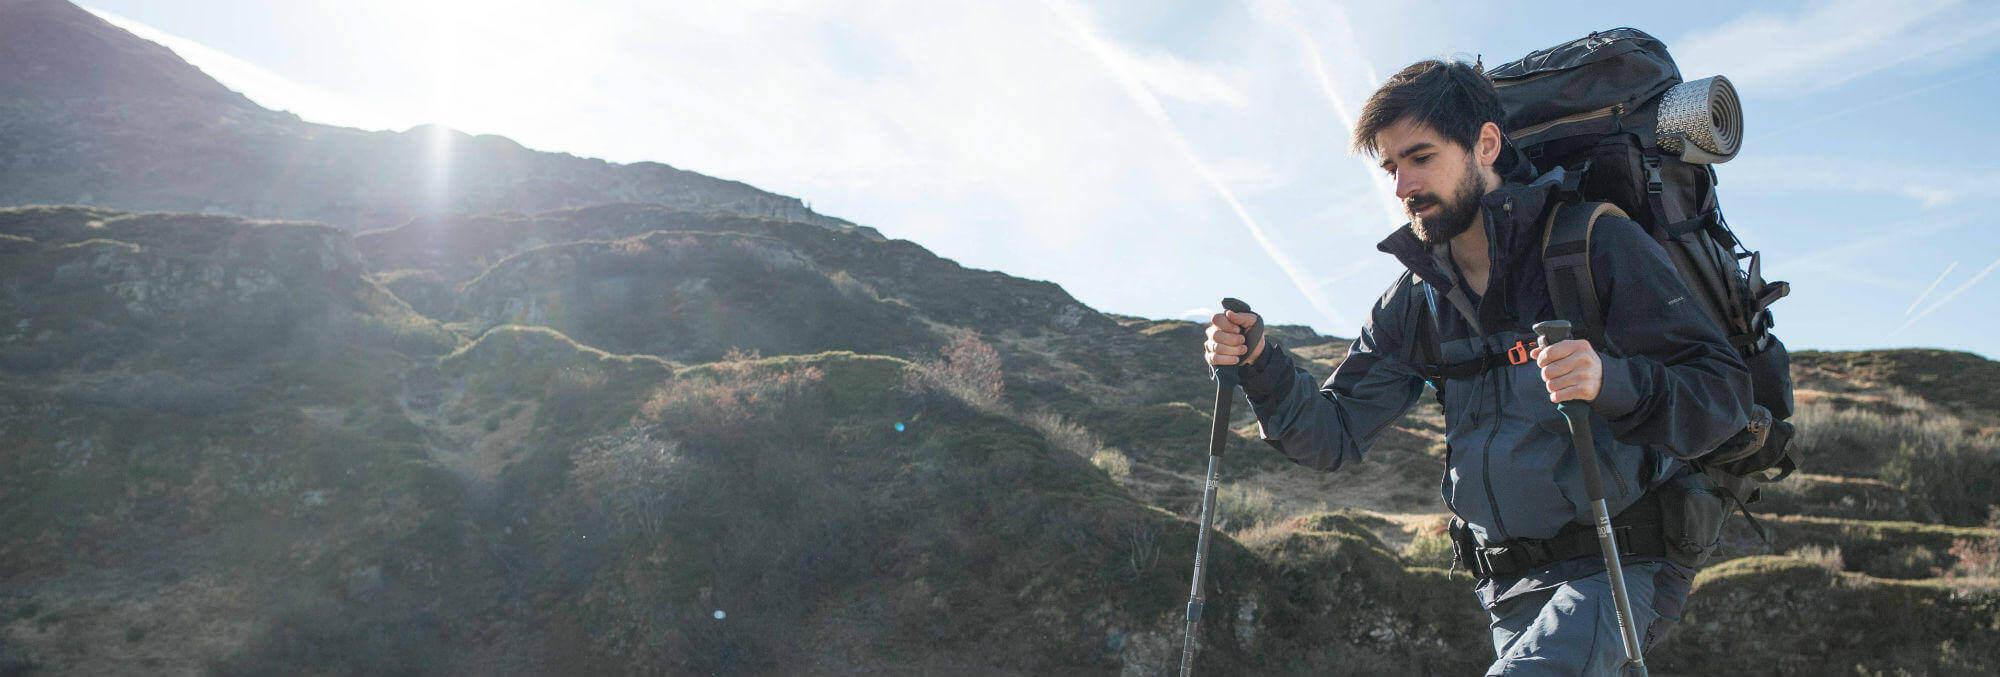 Trekking Essentials: Complete List of Trekking Essentials to Pack - Decathlon